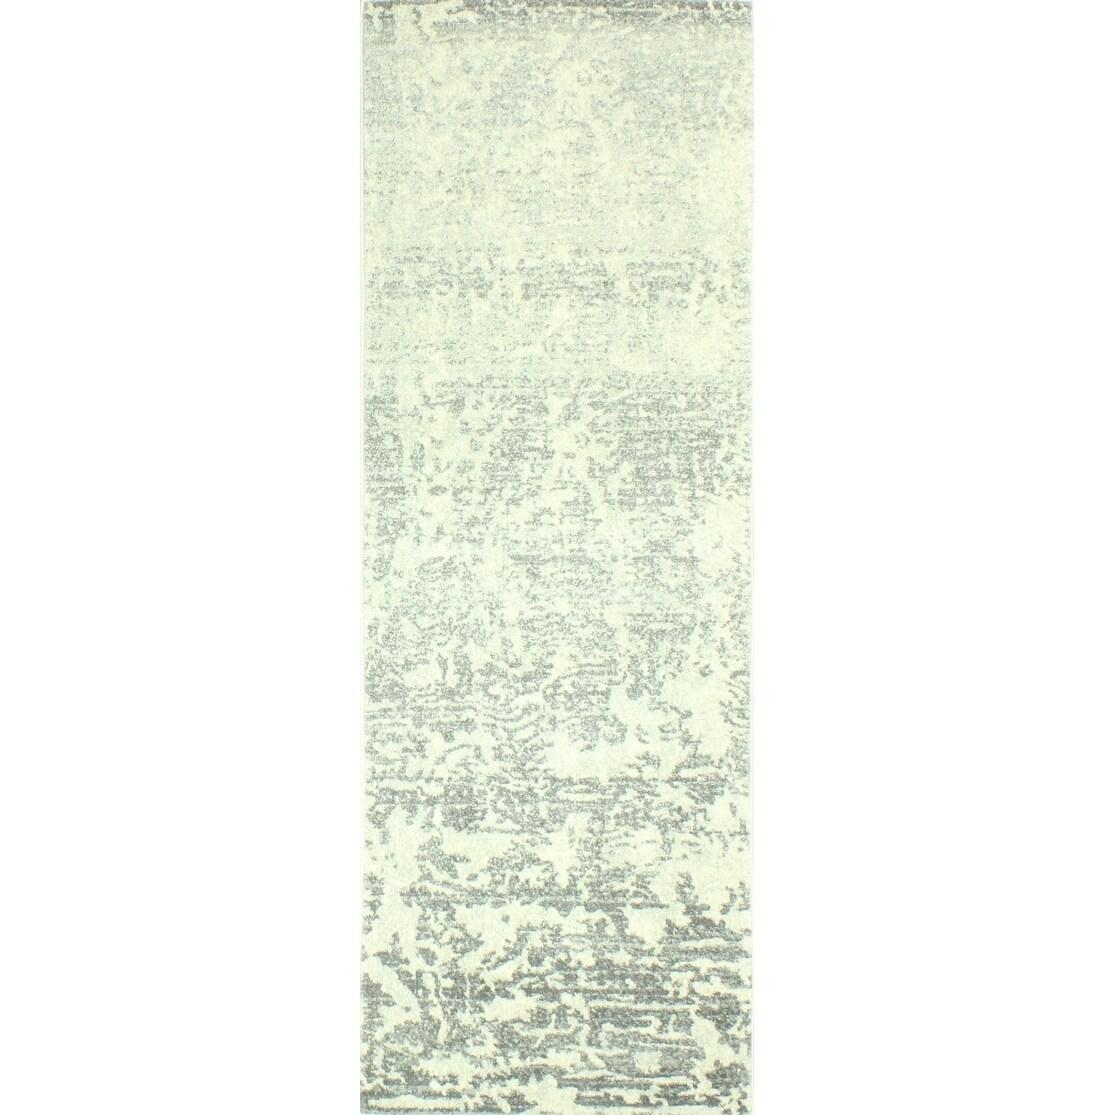 Aveline Ivory/Grey Transitional  Area Rug - 26 x 8 Runner (Ivory/Grey - 26 x 8 Runner)